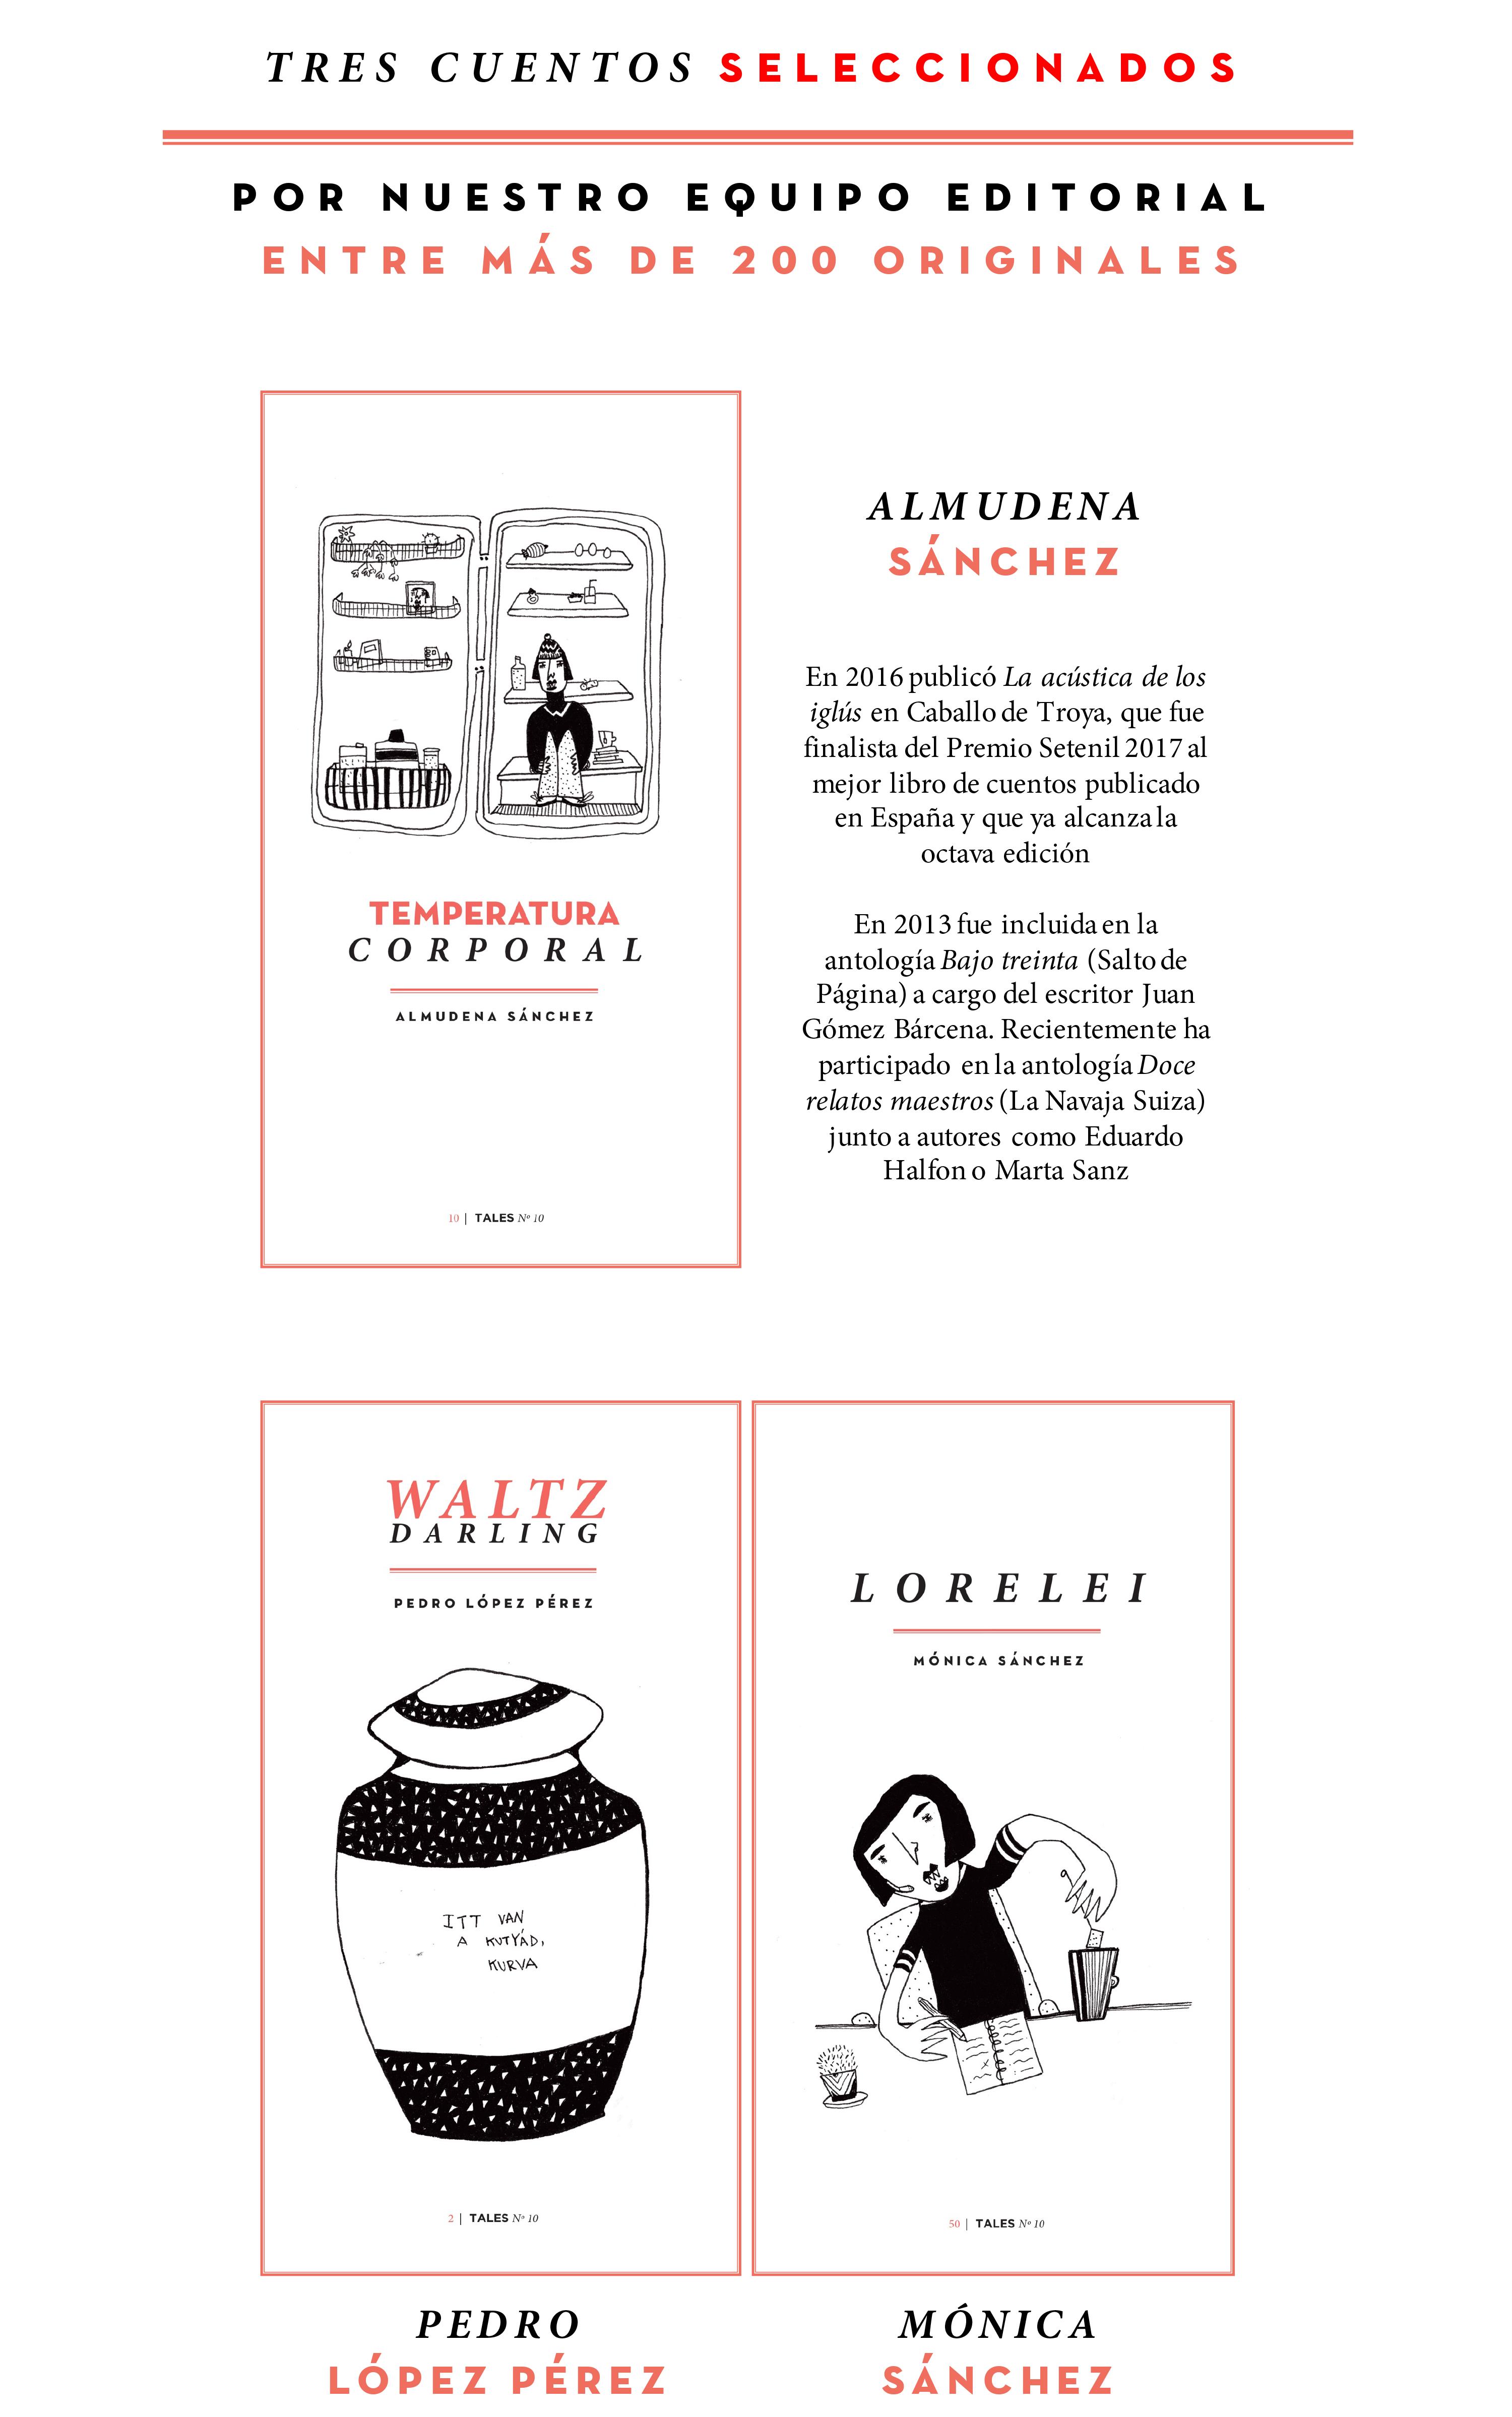 TALES. Revista literaria de cuentos - AM Homes, Álvaro Pombo, Mariana Enríquez, Almudena Sánchez, Raymond Carver. Revista española de cuentos.